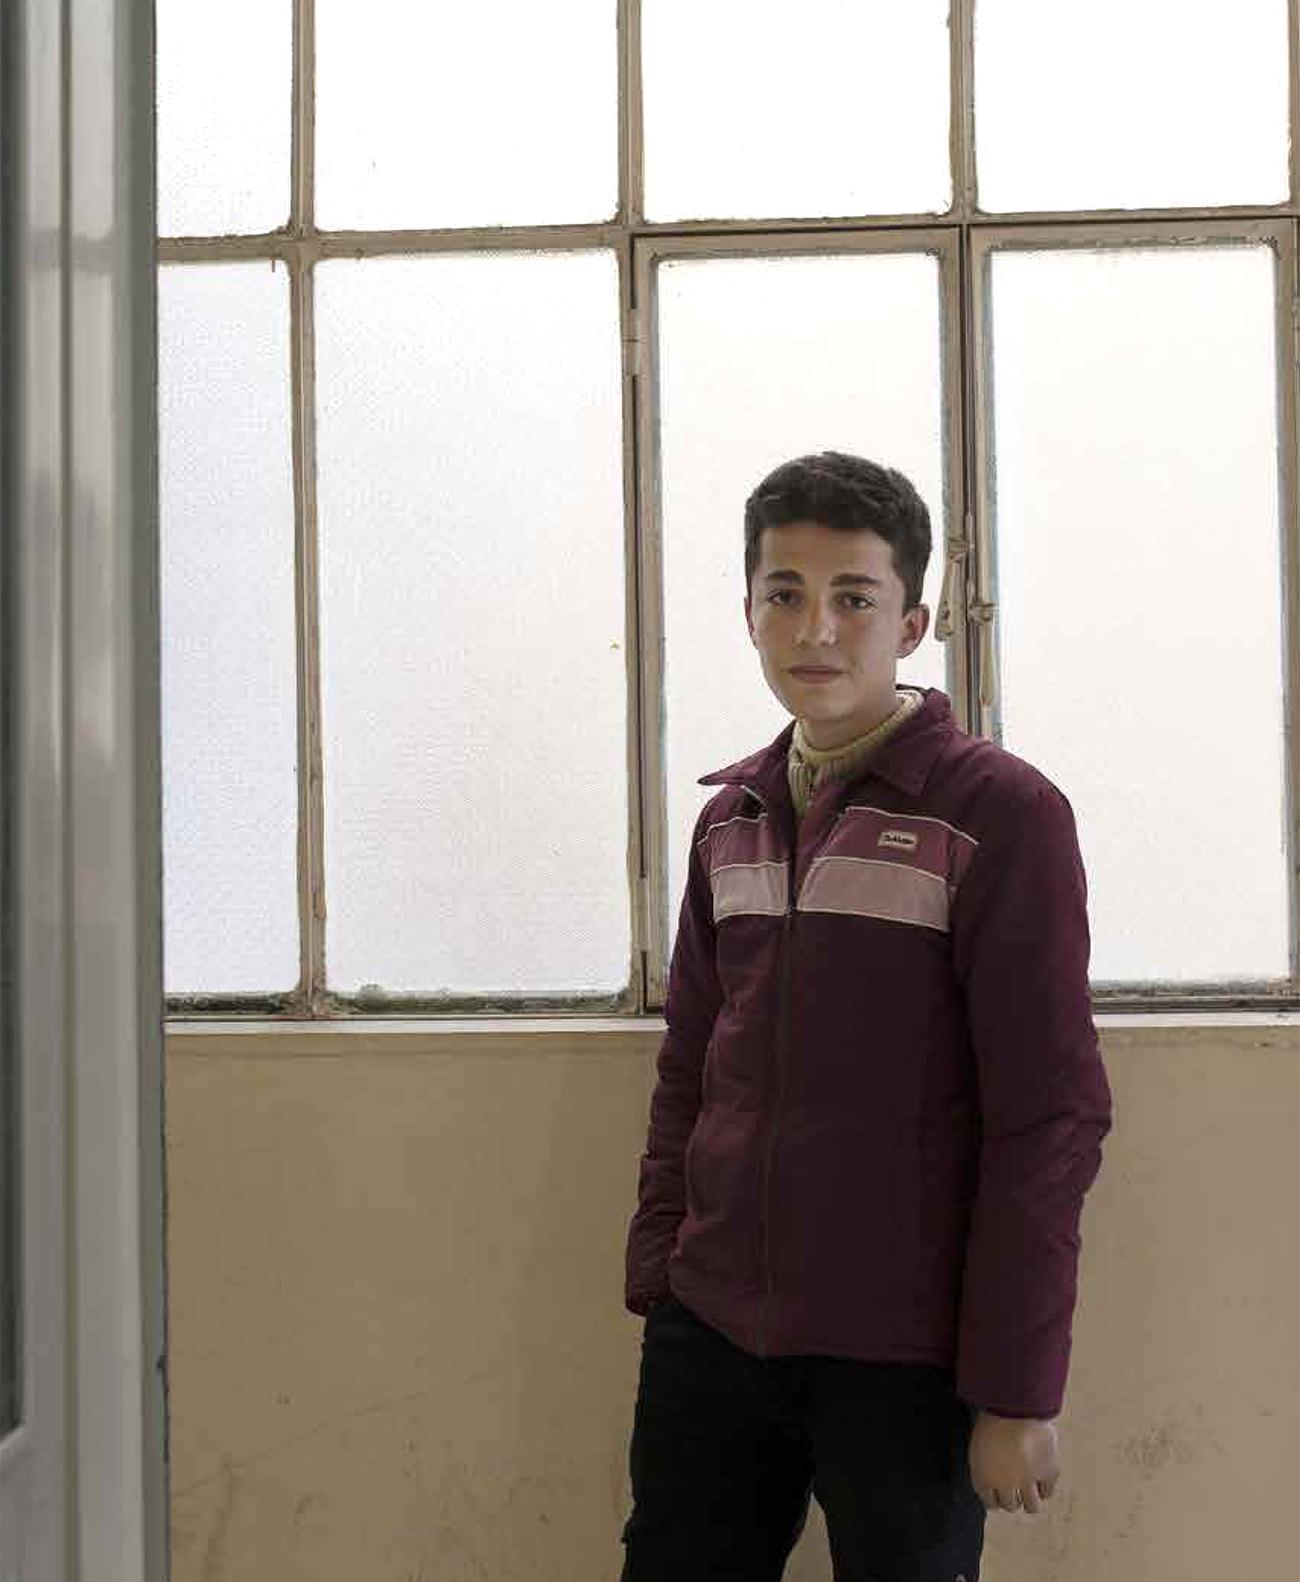 Amr Reslan menetti kätensä kranaatin räjähdyksessä, Syyrian sota